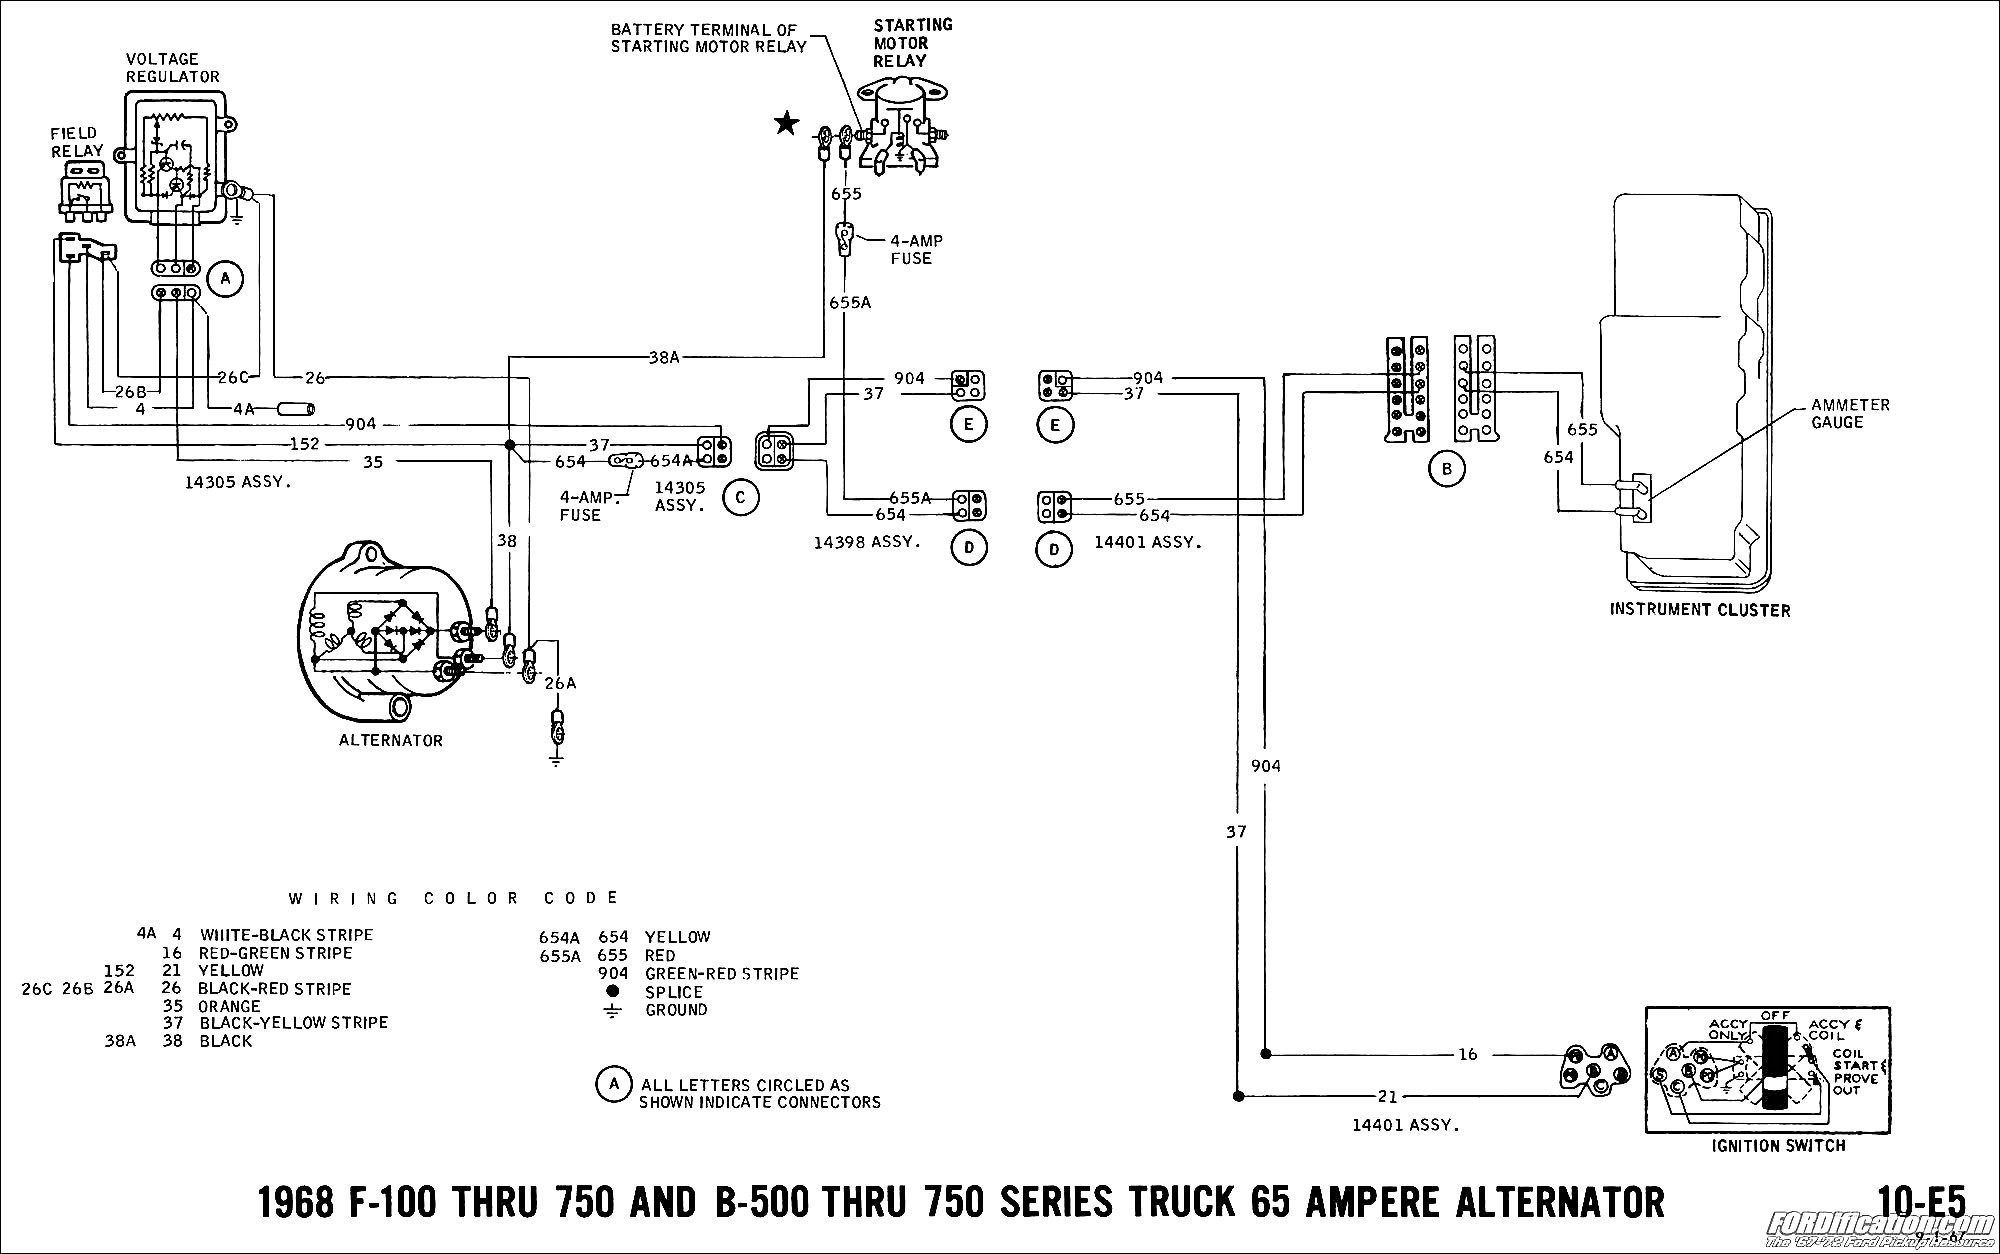 Ford 655c Wiring Diagram - Wiring Diagram Write Ford D Alternator Wiring Diagram on ford 345d wiring diagram, ford 555b wiring diagram, ford 555 wiring diagram, ford 555e wiring diagram, ford 555a wiring diagram, ford 545c wiring diagram, ford 555c wiring diagram,